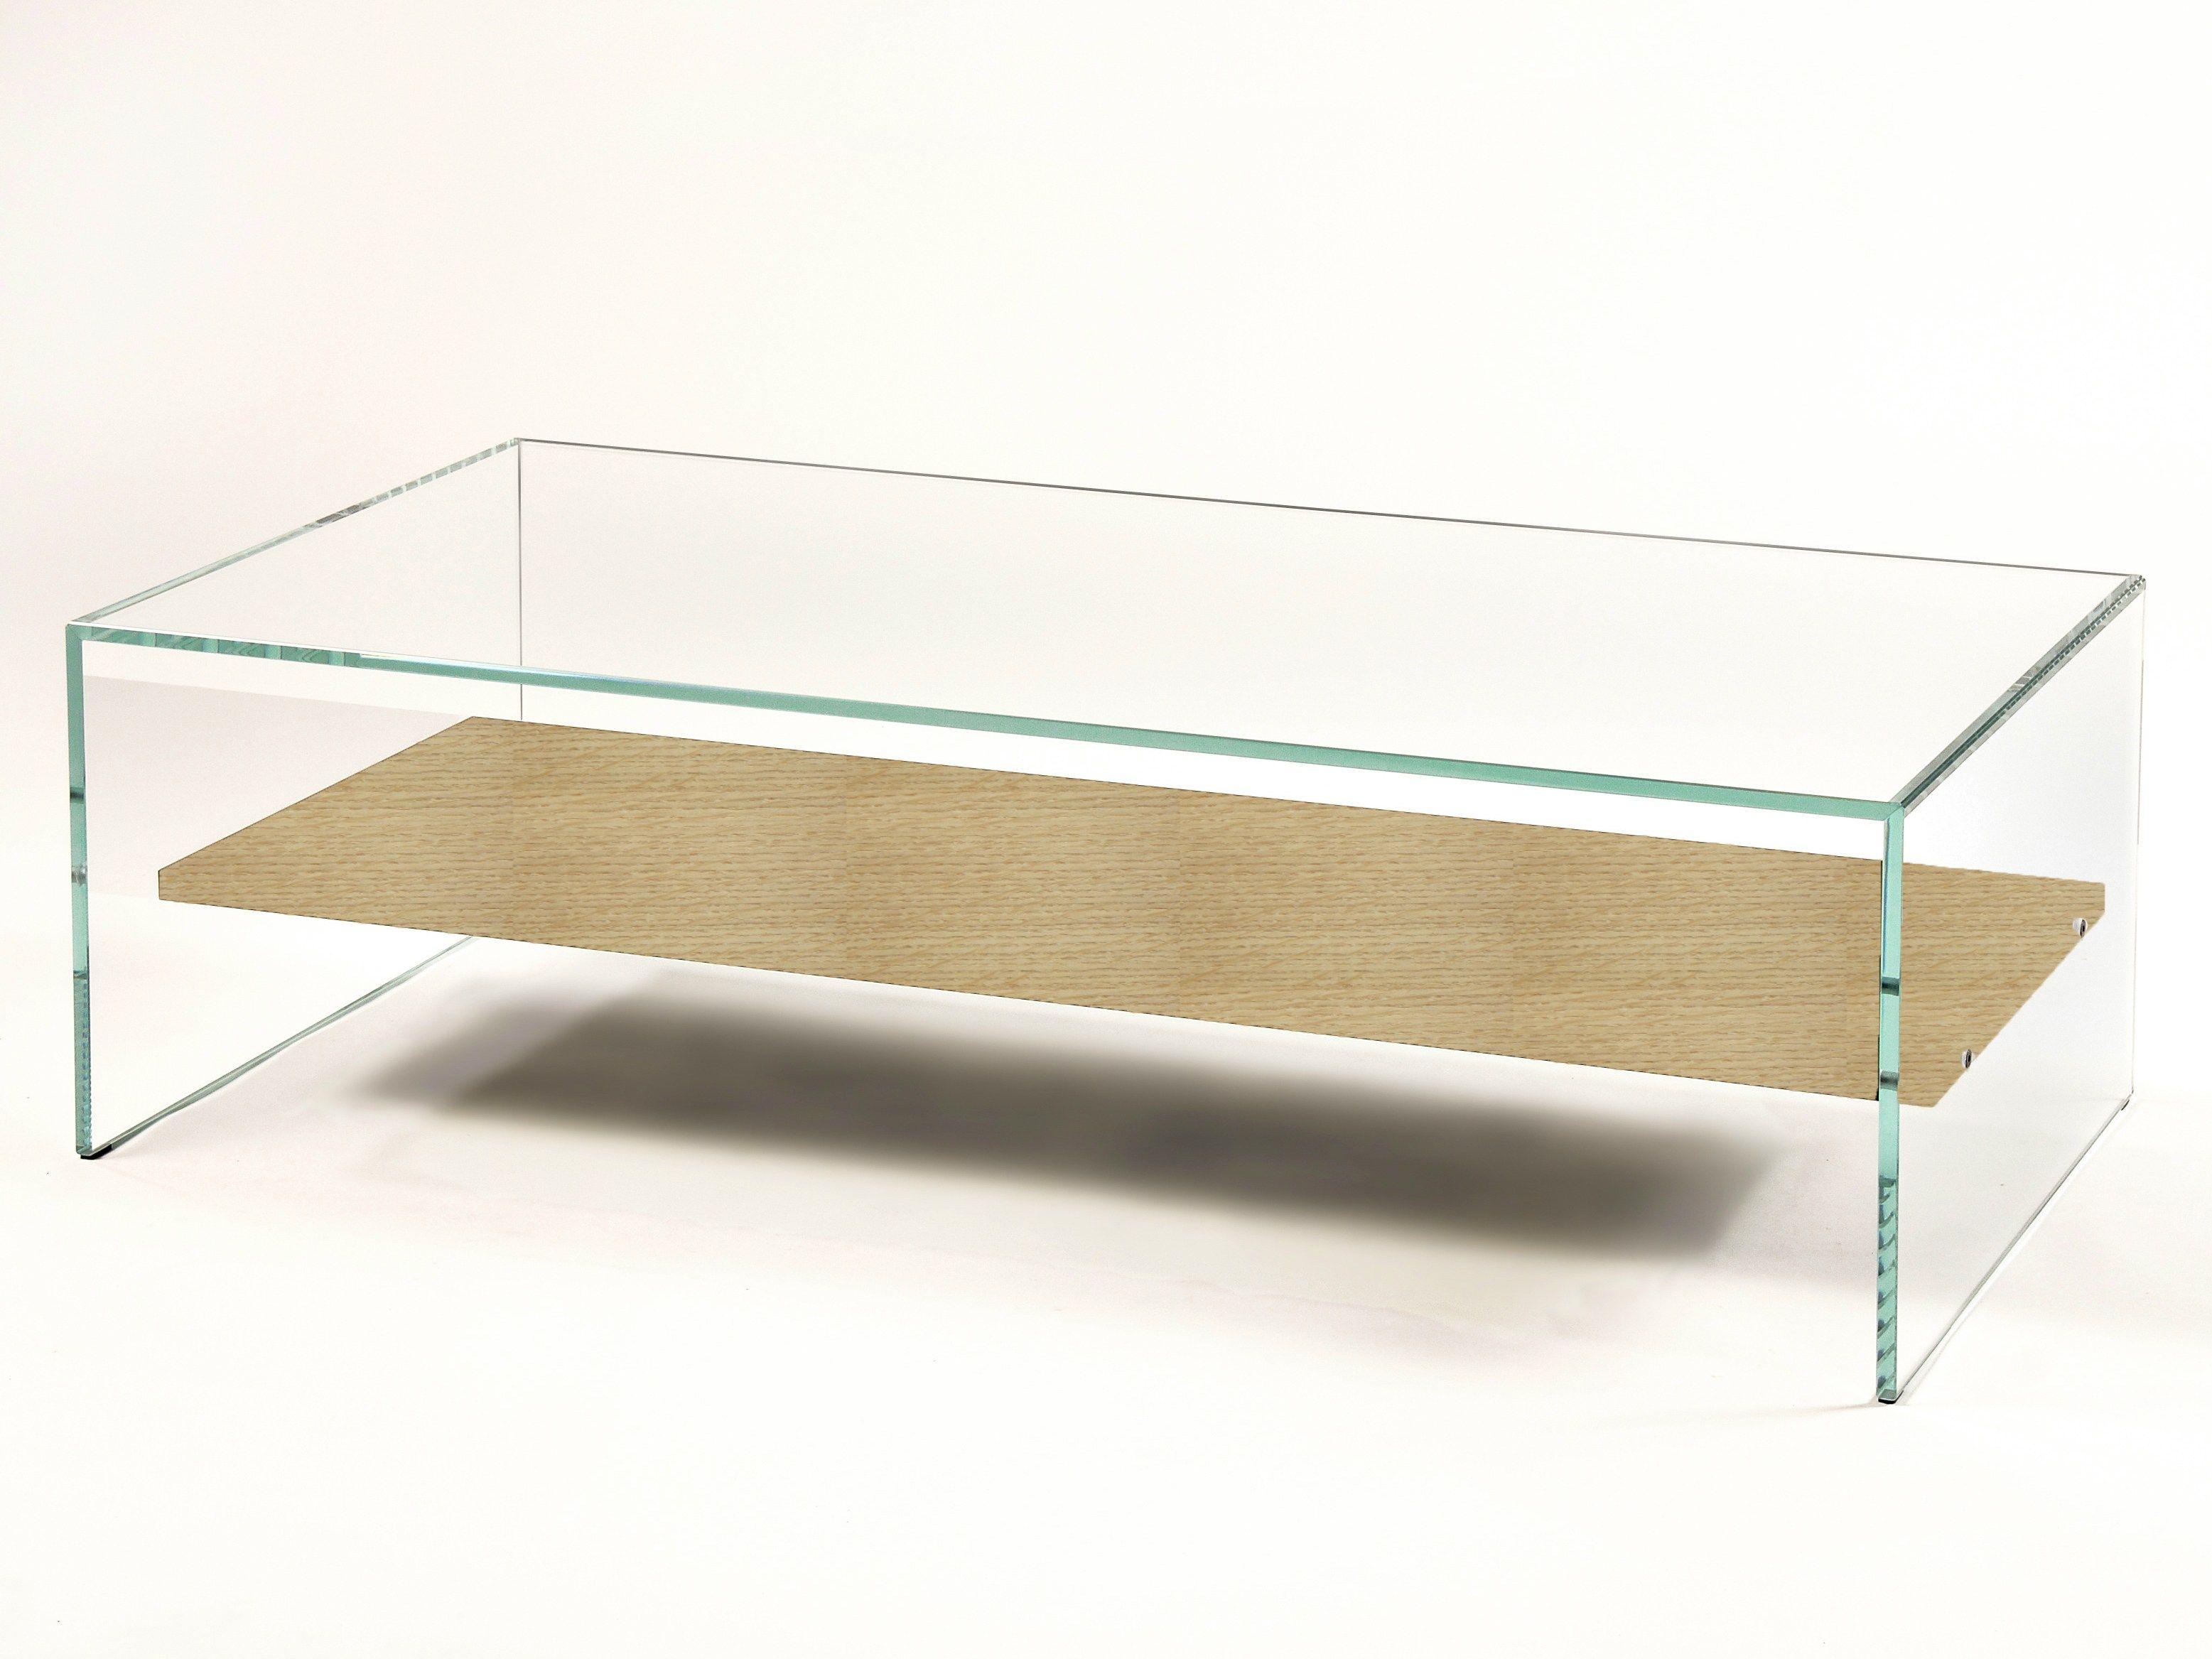 Table Basse Avec Plateau Bois, Verre Trempé Extra Clair TRANSPARENCE   ZEN  1 By Adentro